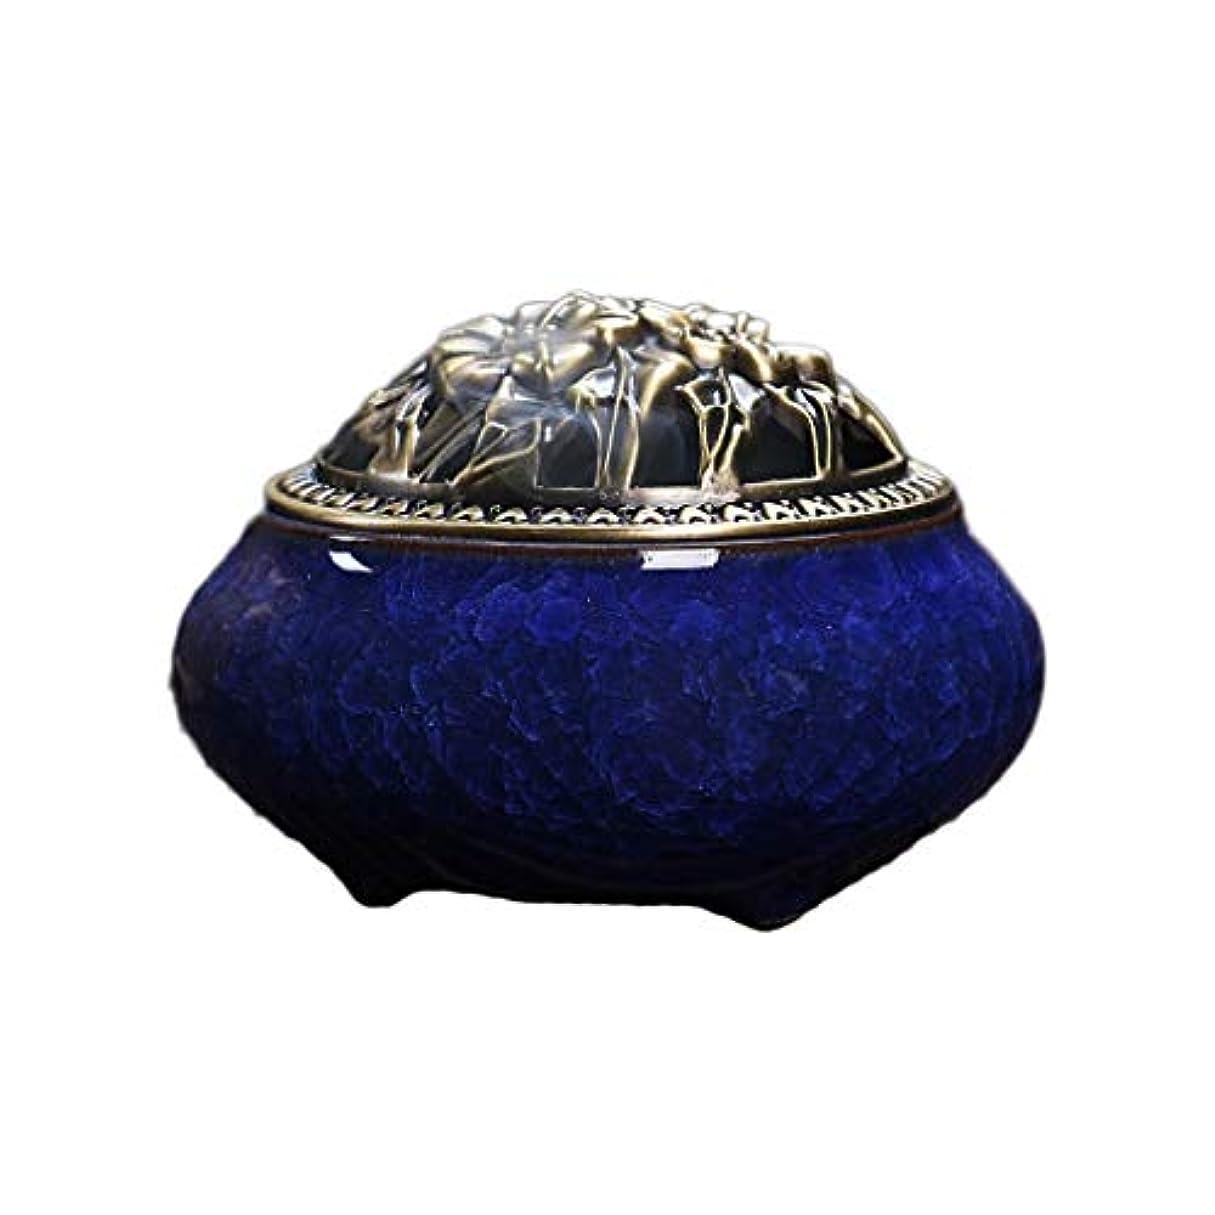 試用同盟なしで磁器セラミック香炉灰キャッチャー香スティック/コーン/コイルバーナーホルダーホームルーム仏教の装飾香ホルダー (Color : Blue)